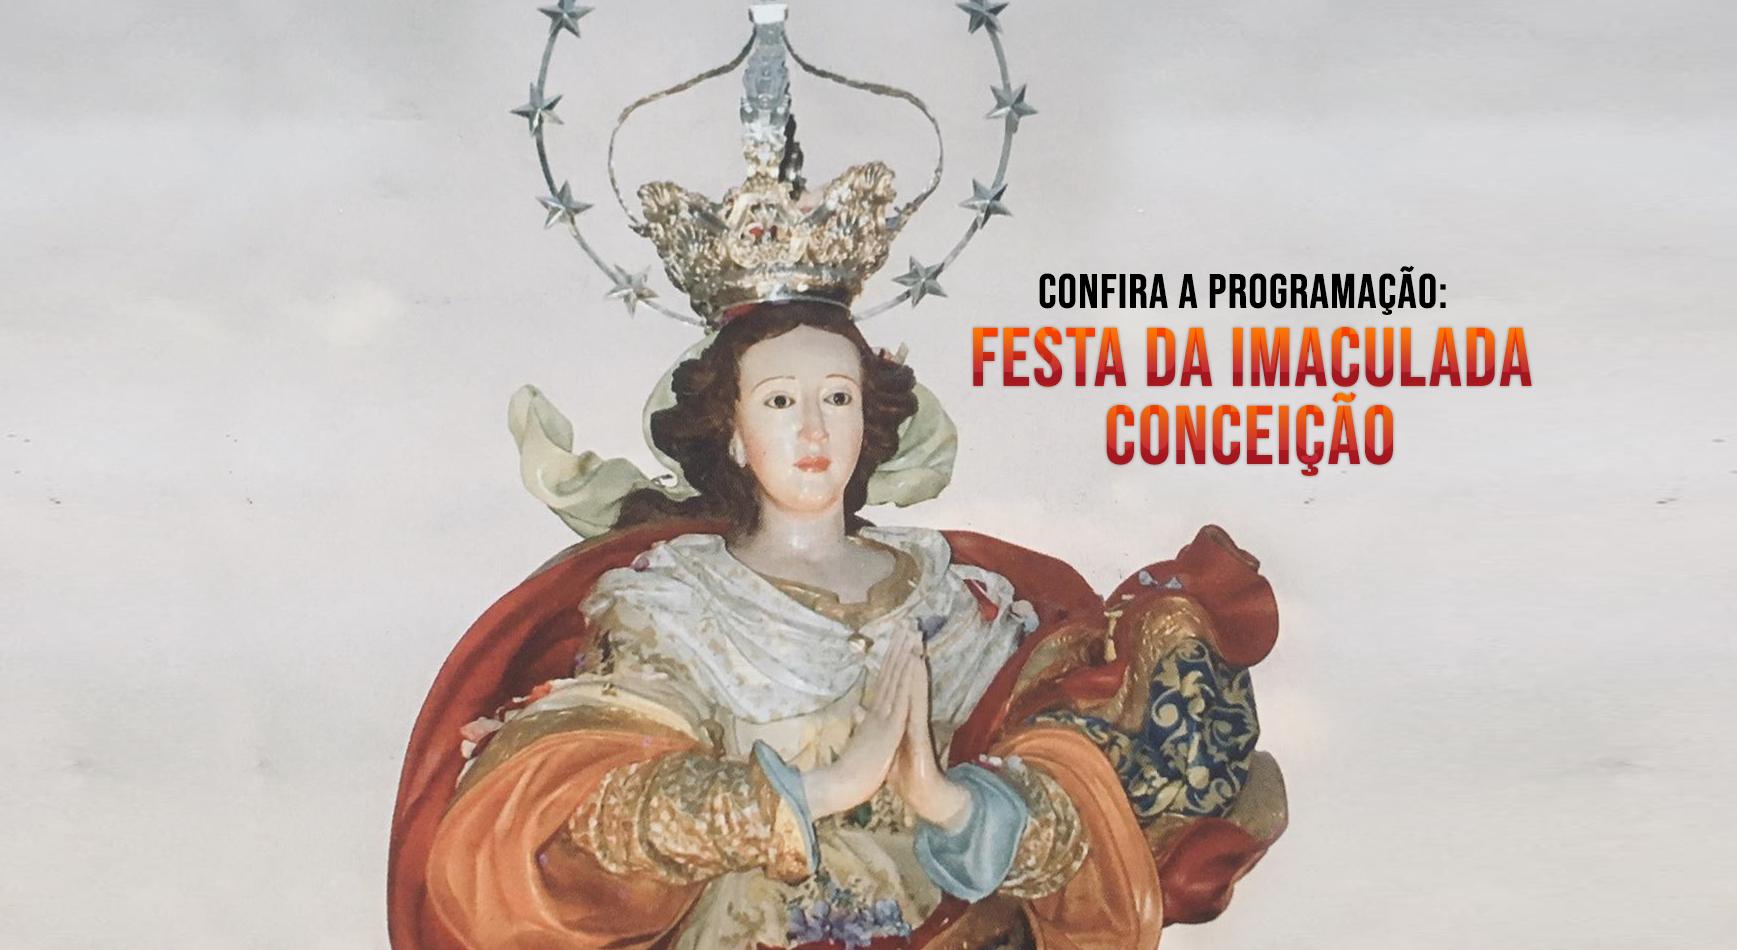 Confira a programação de SJDR e região para o dia da Imaculada Conceição